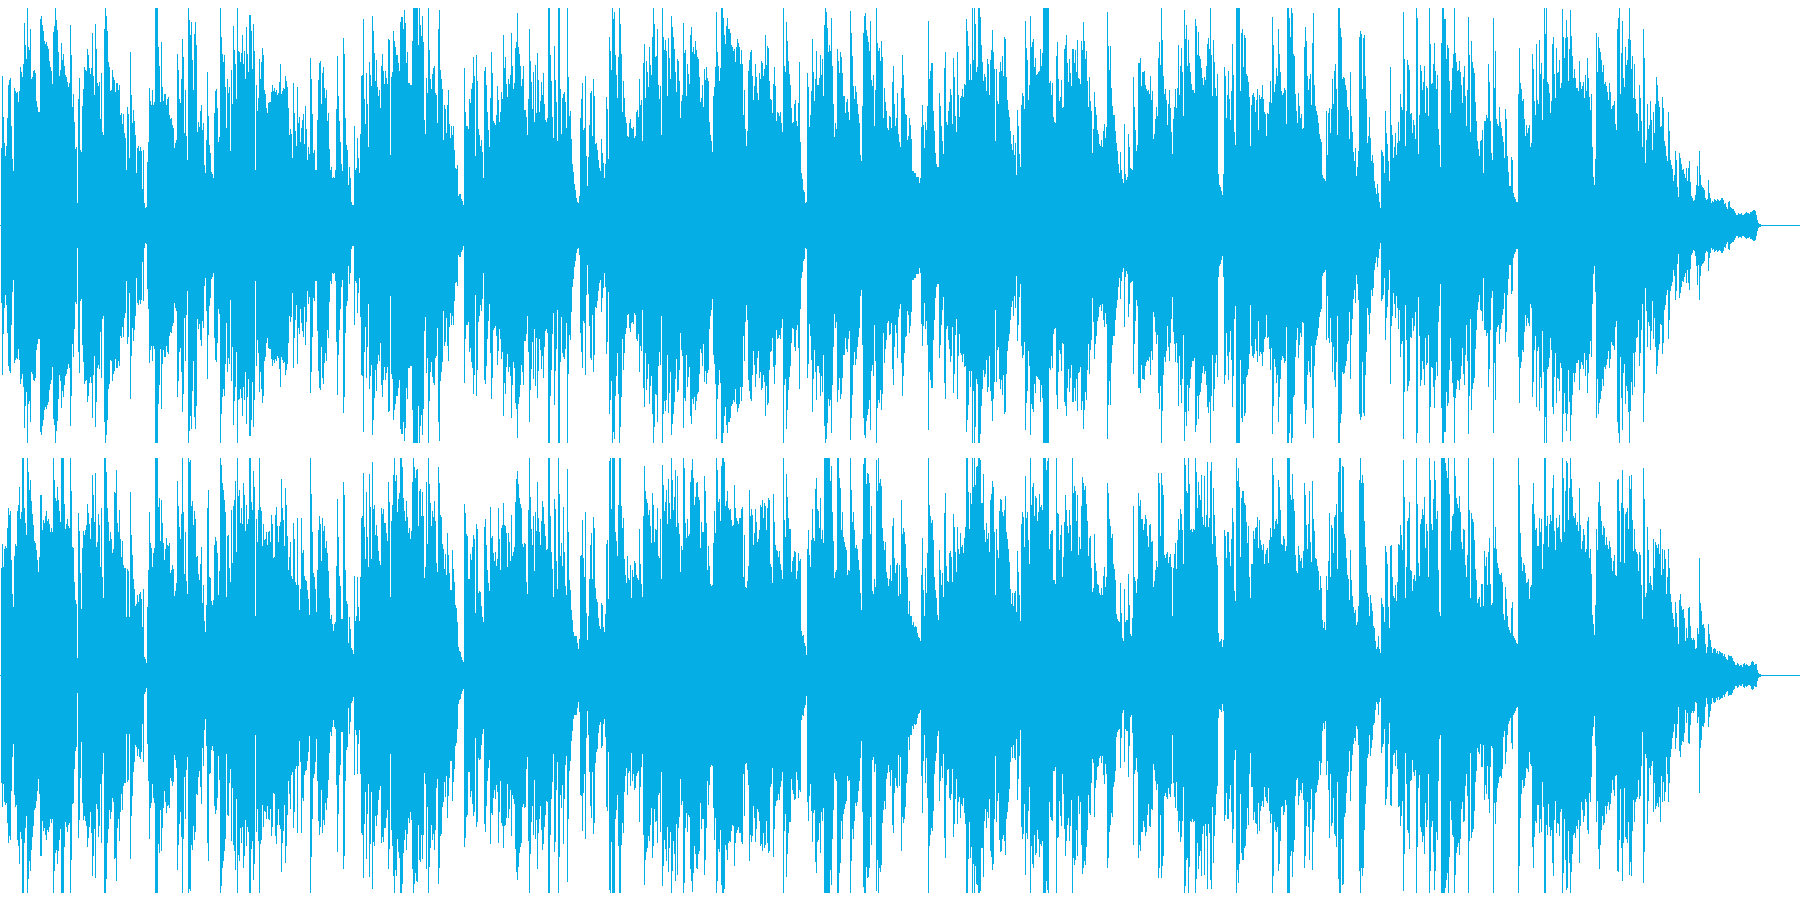 柔らかい幸せな空気感のジャズバラードの再生済みの波形